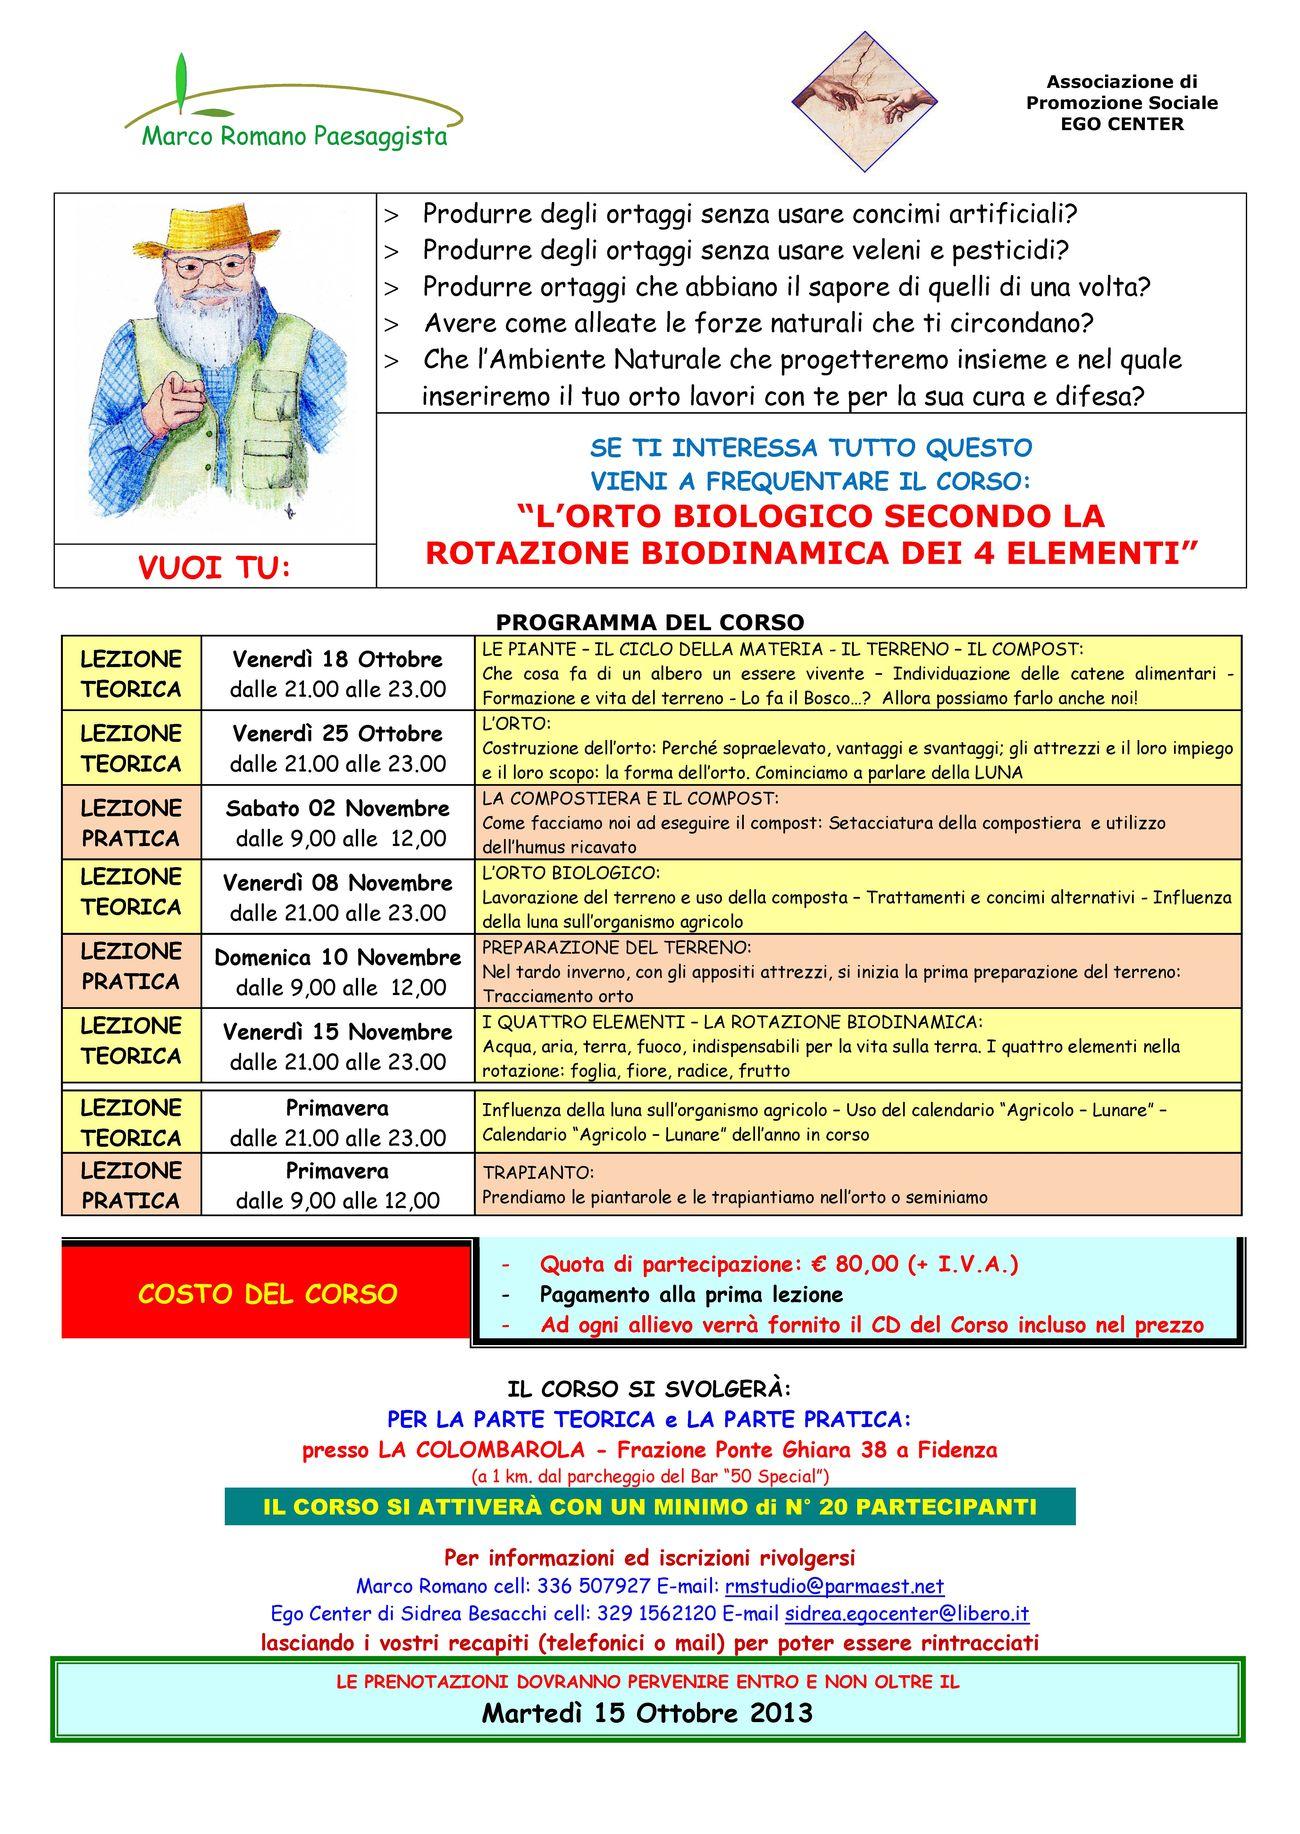 Calendario Trapianti Orto Pdf.Corso L Orto Biologico Secondo La Rotazione Biodinamica Dei